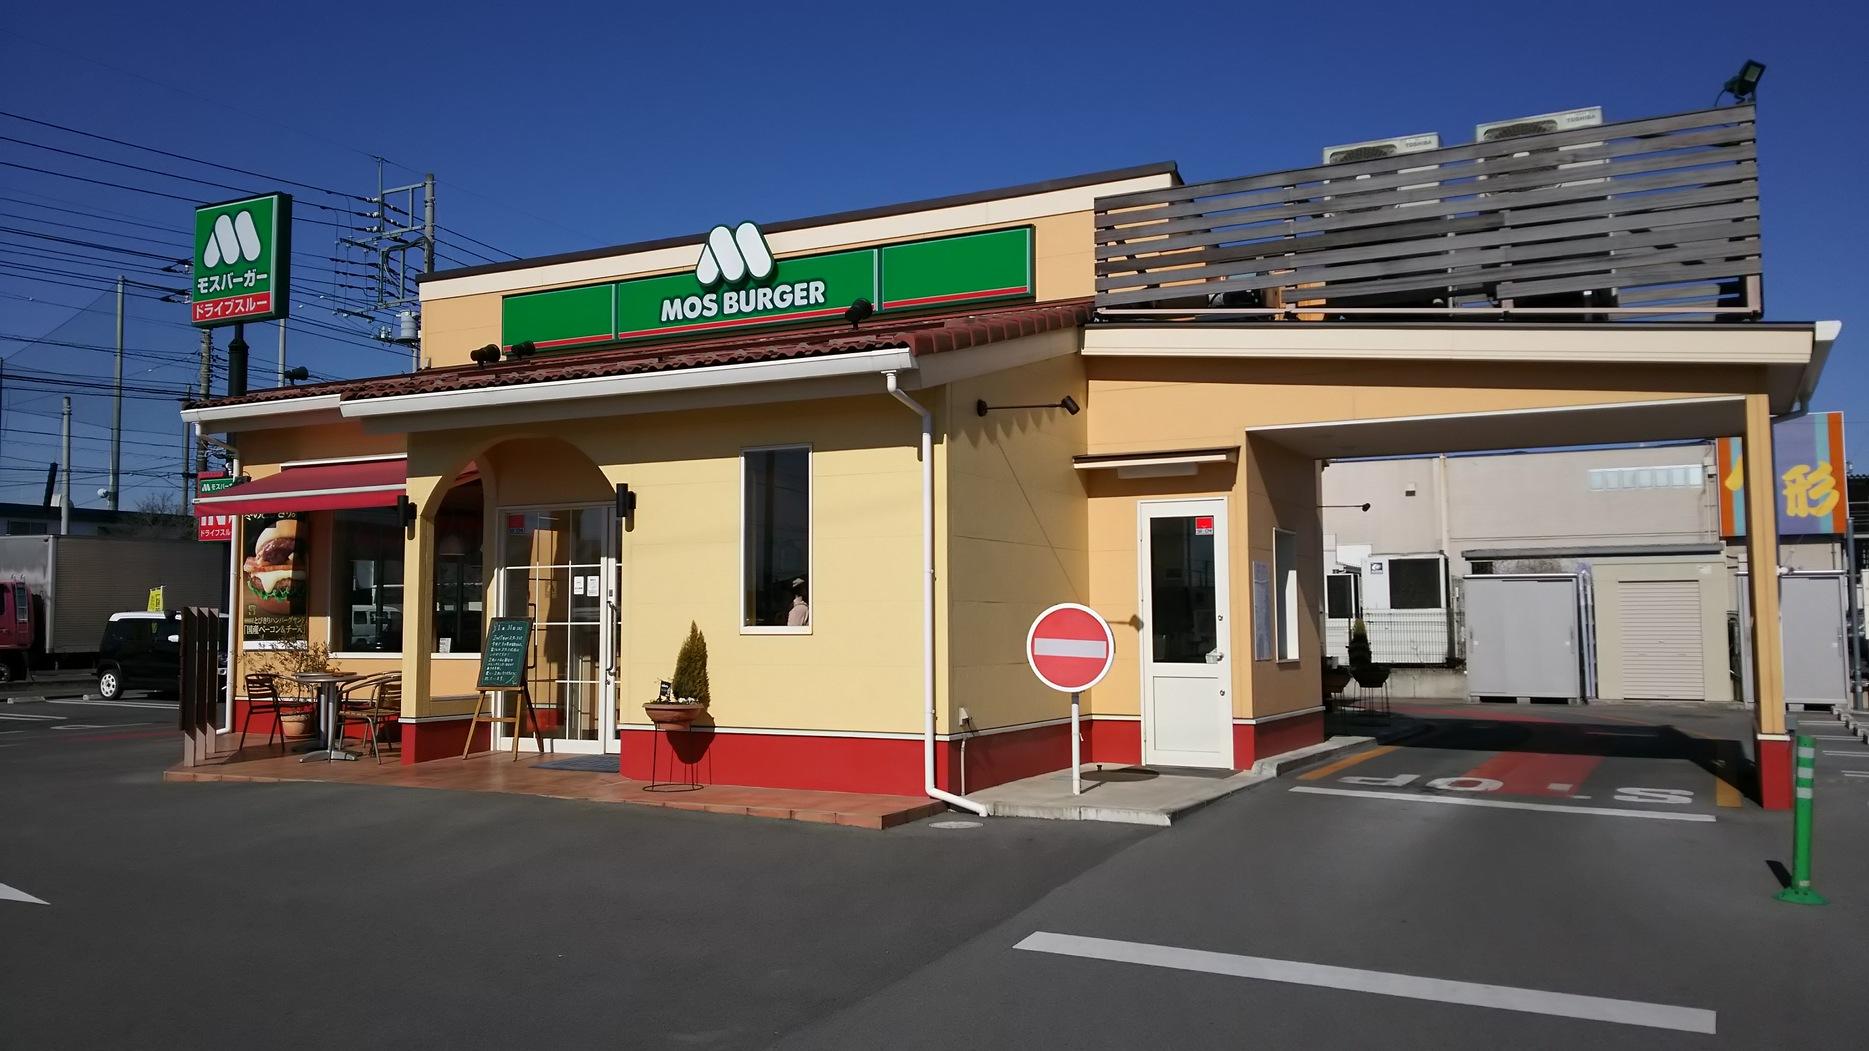 モスバーガー 鹿沼店